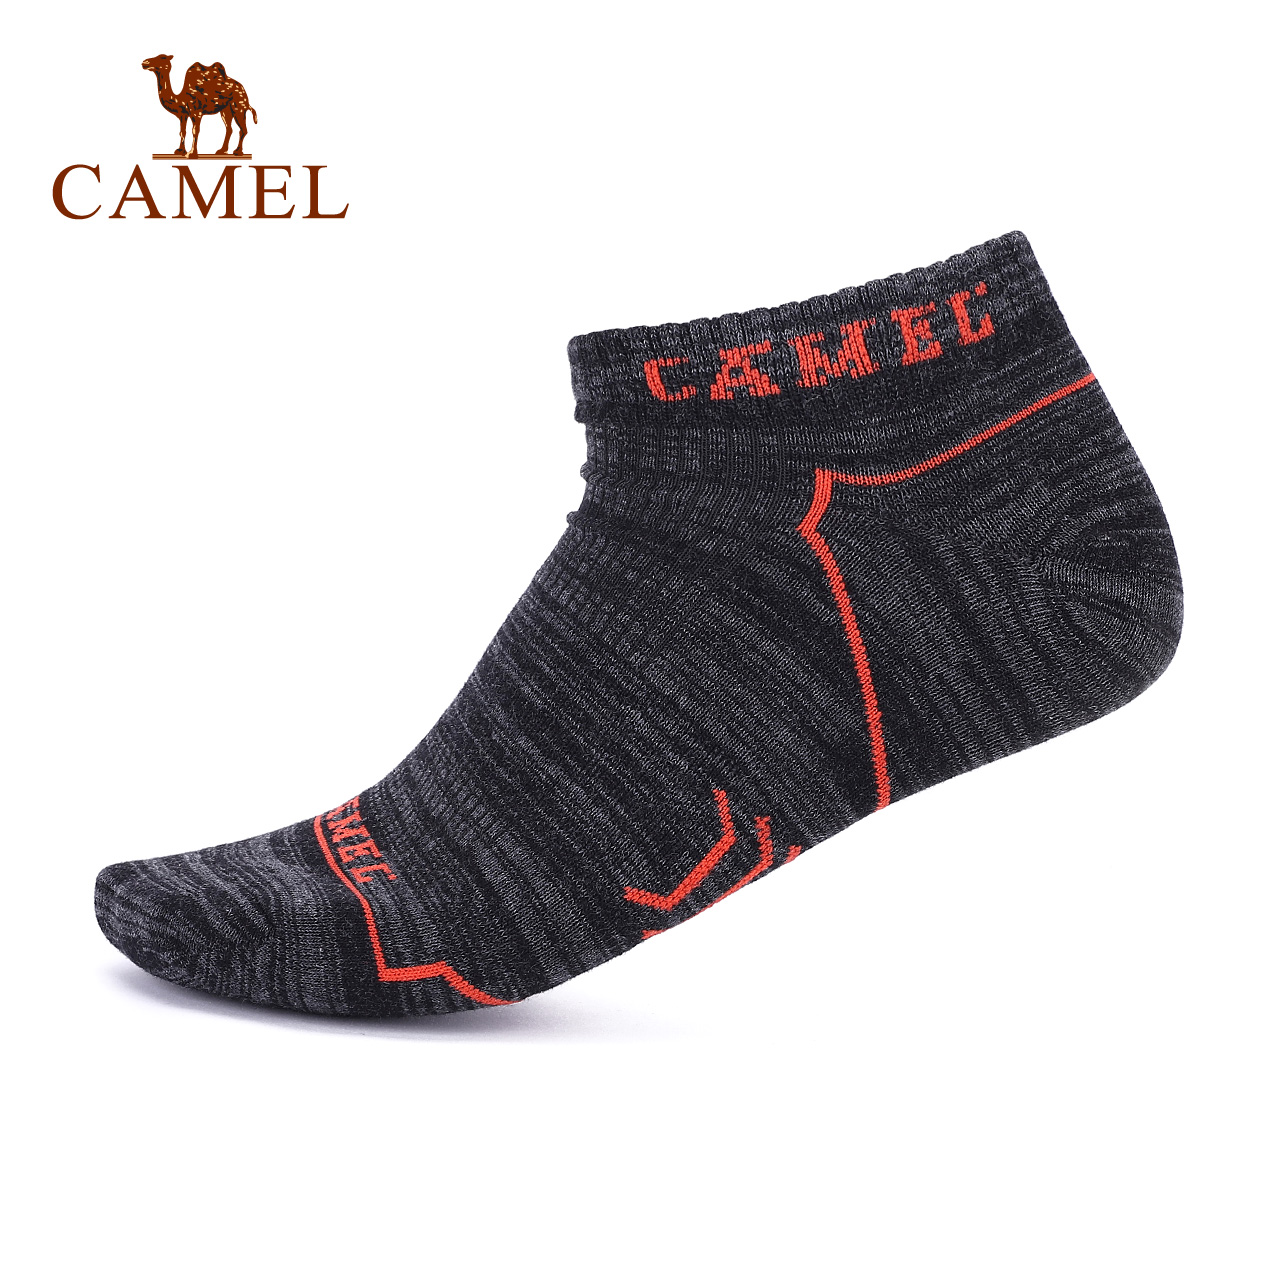 户外运动袜子 徒步休闲舒适透气徒步运动男子短袜子